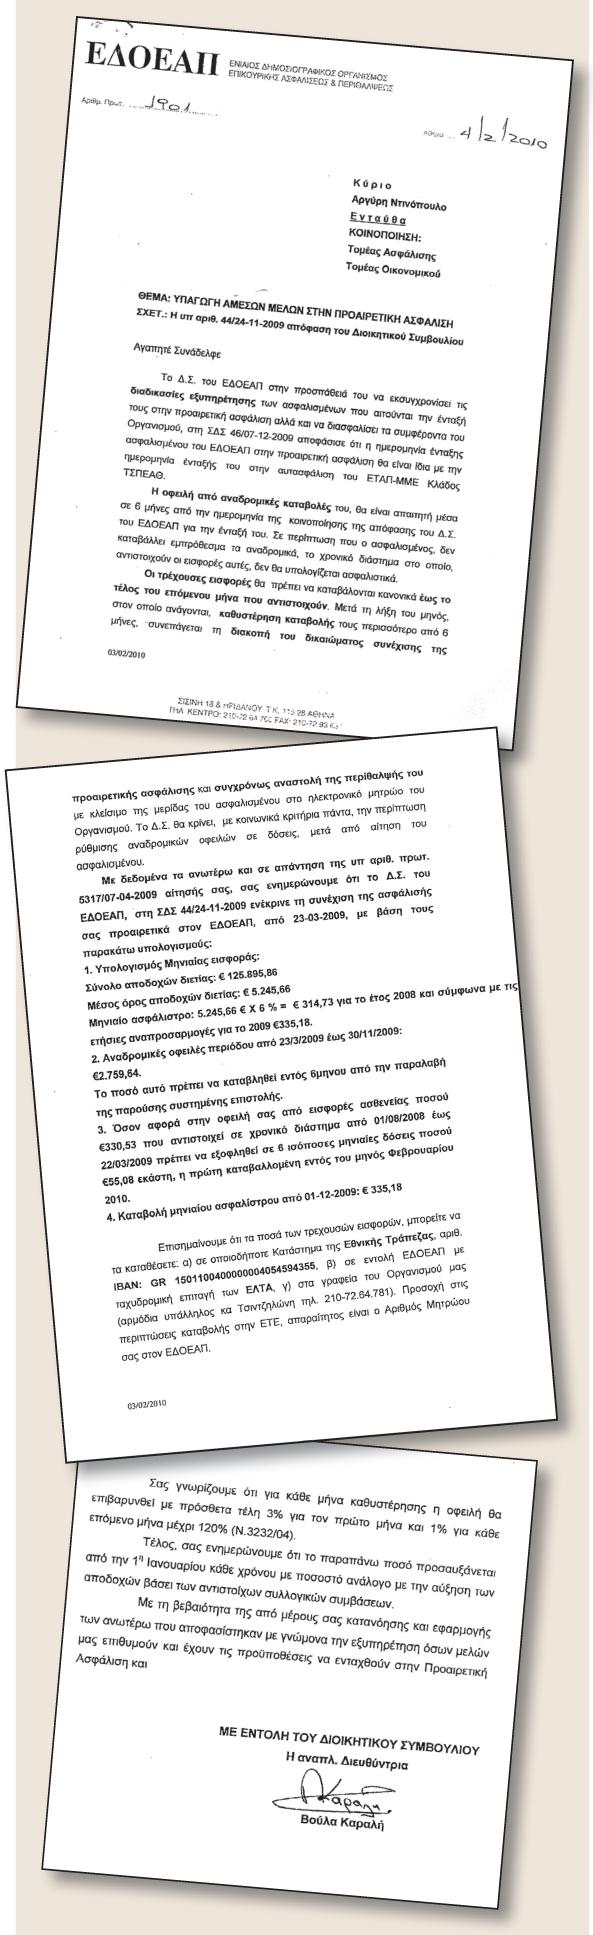 Το τρισέλιδο ειδοποιητήριο του ΕΔΟΕΑΠ, που ενημερώνει τον Αργύρη Ντινόπουλο για το ποσό που πρέπει να πληρώσει